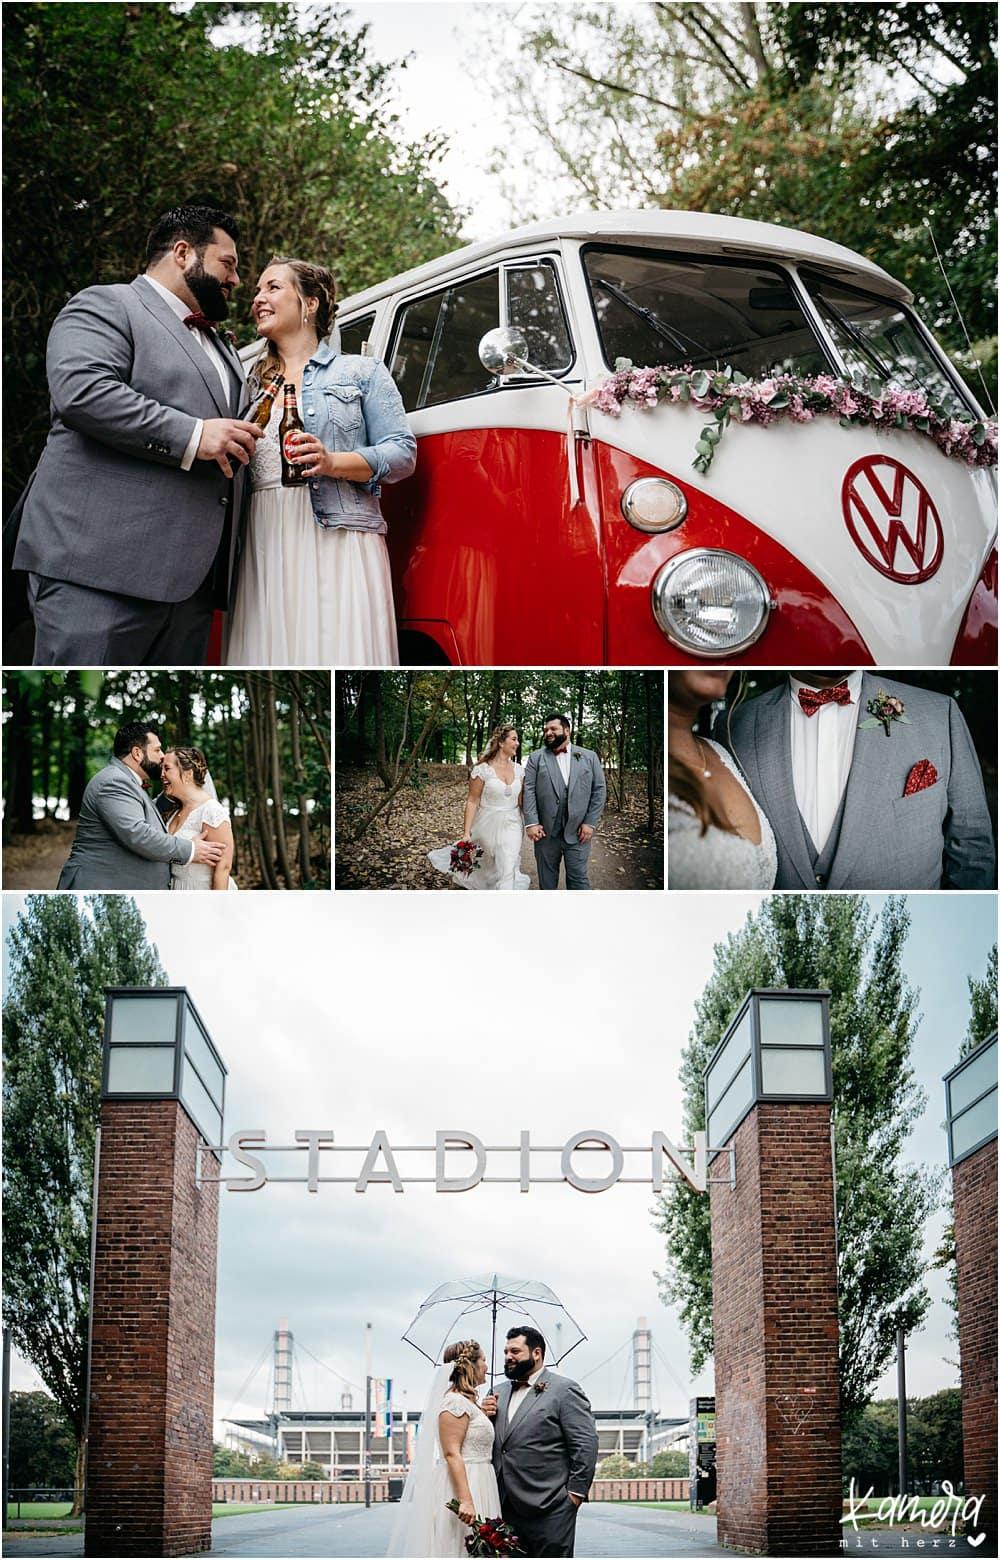 Hochzeit im Kastanienhof in Köln - Fotoshooting